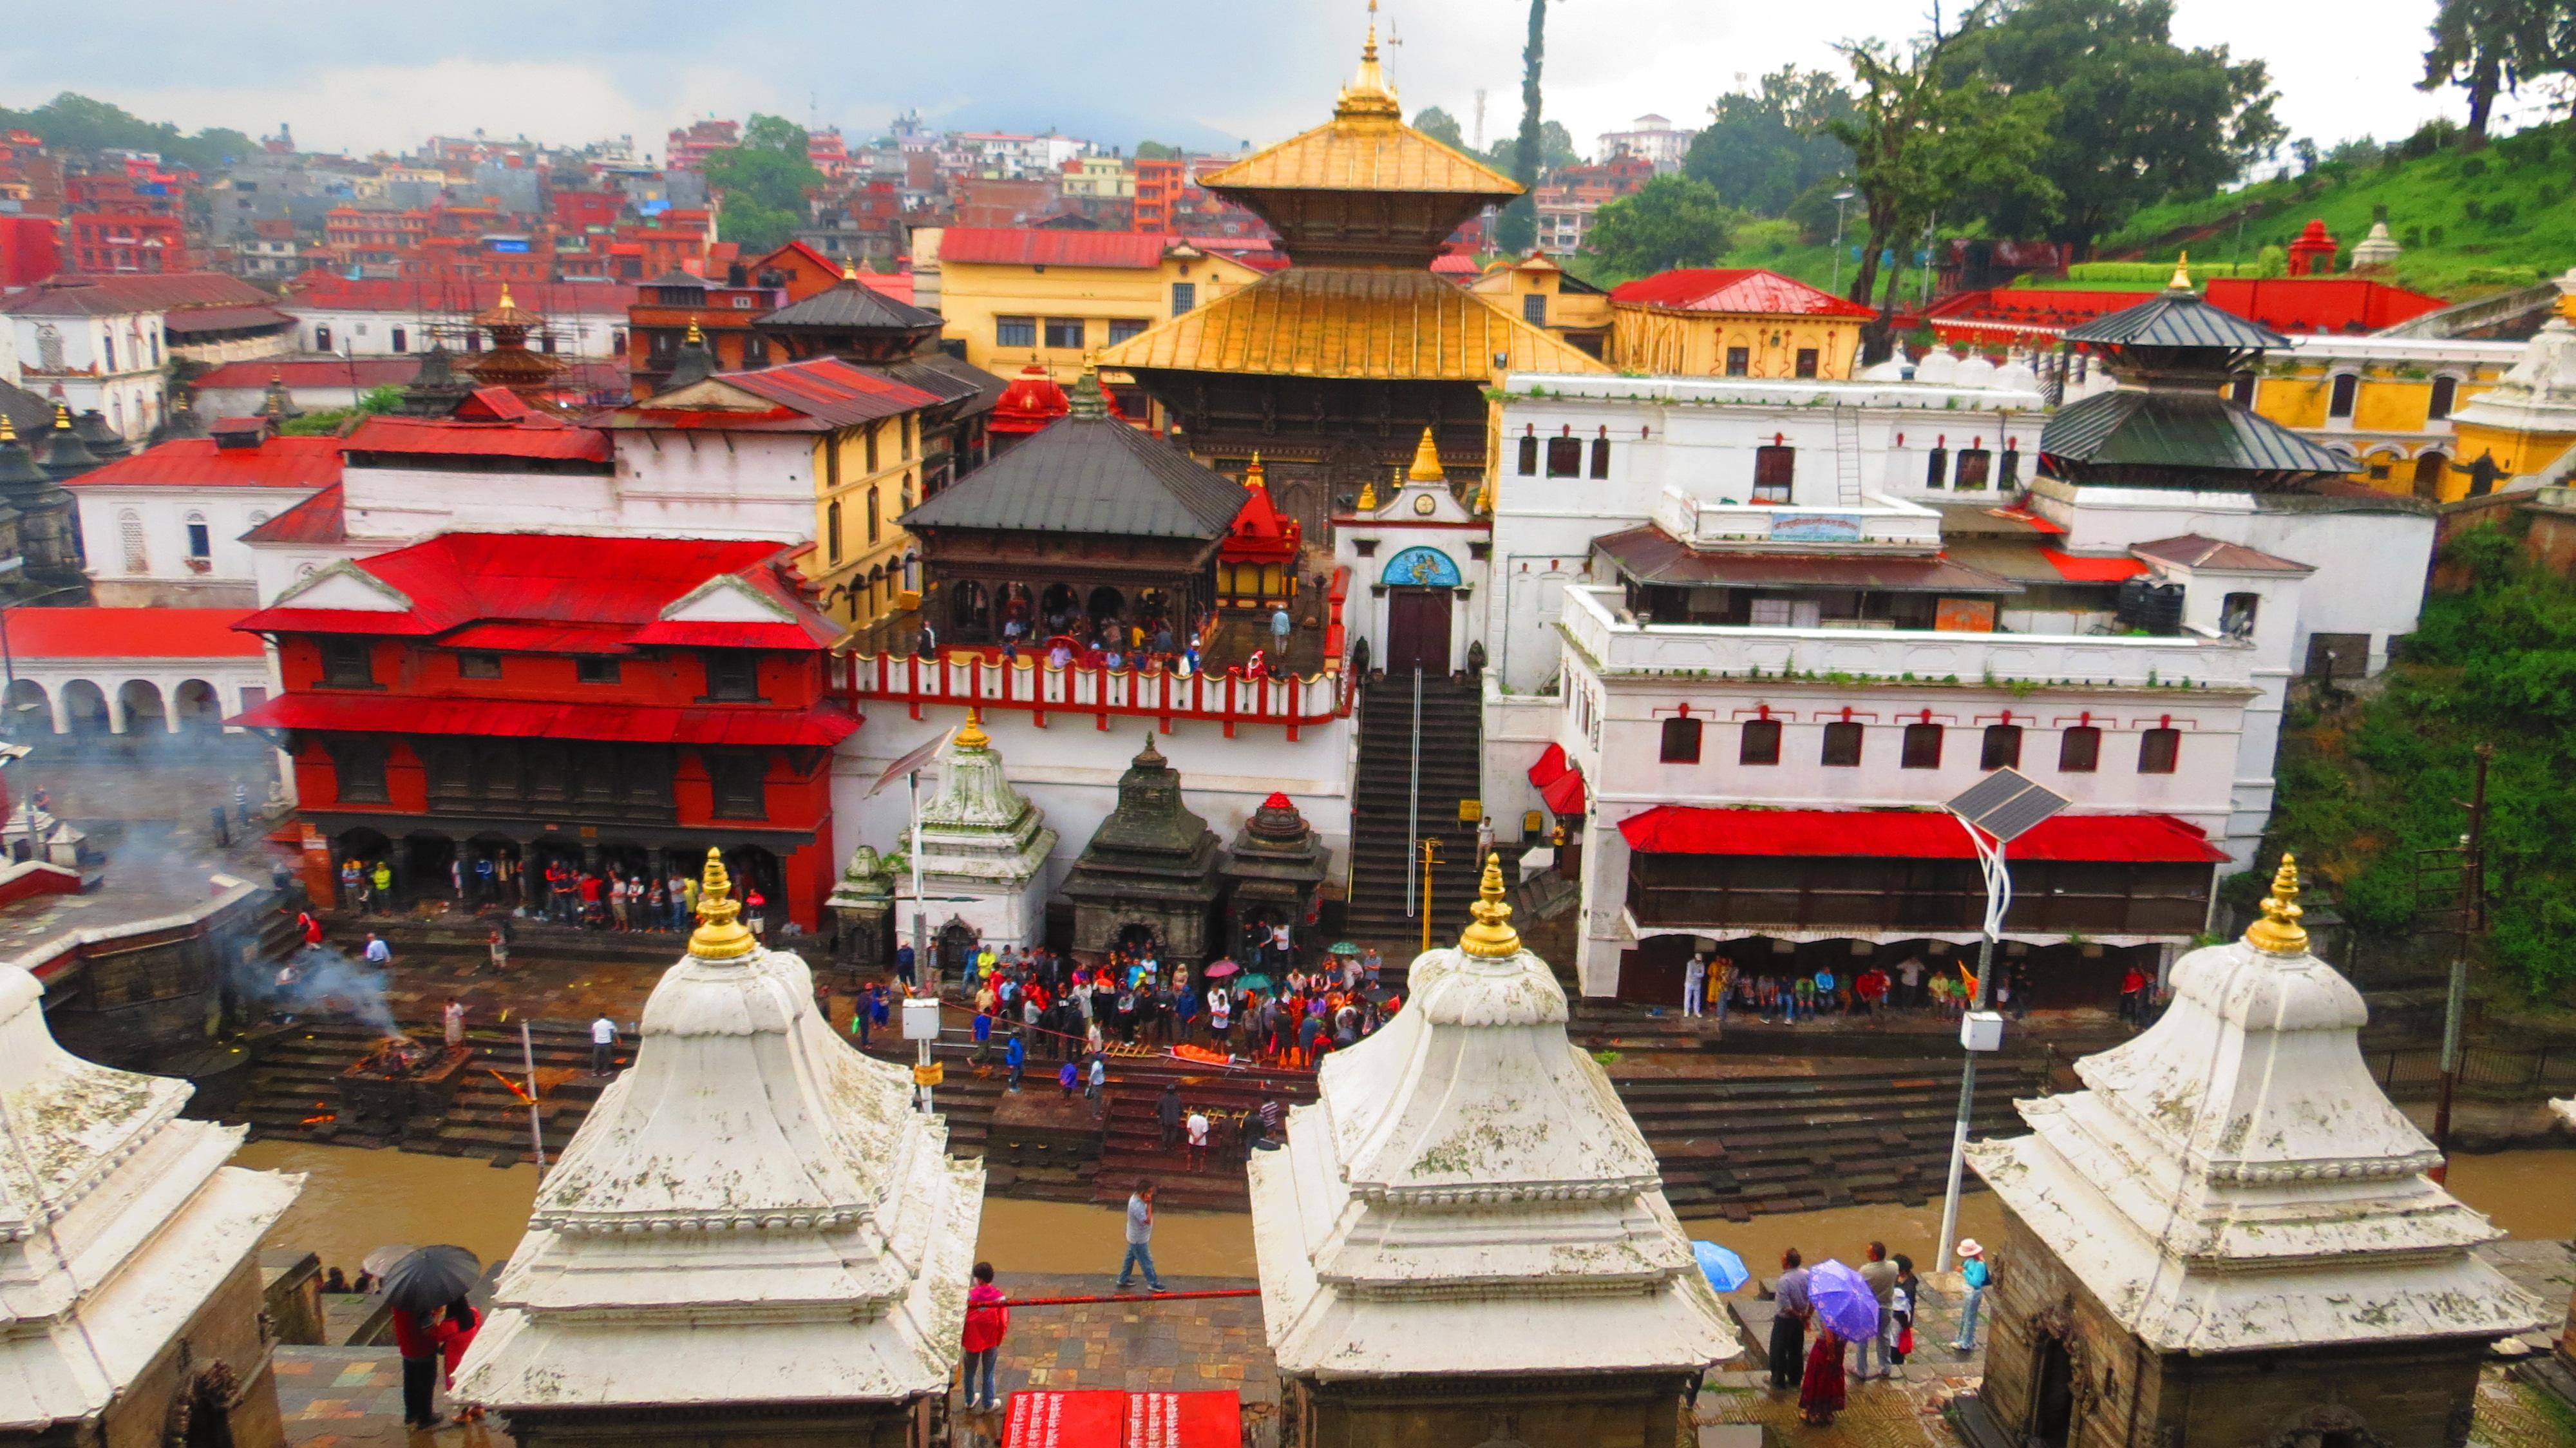 Click to view पशुपतिनाथ मंदिर